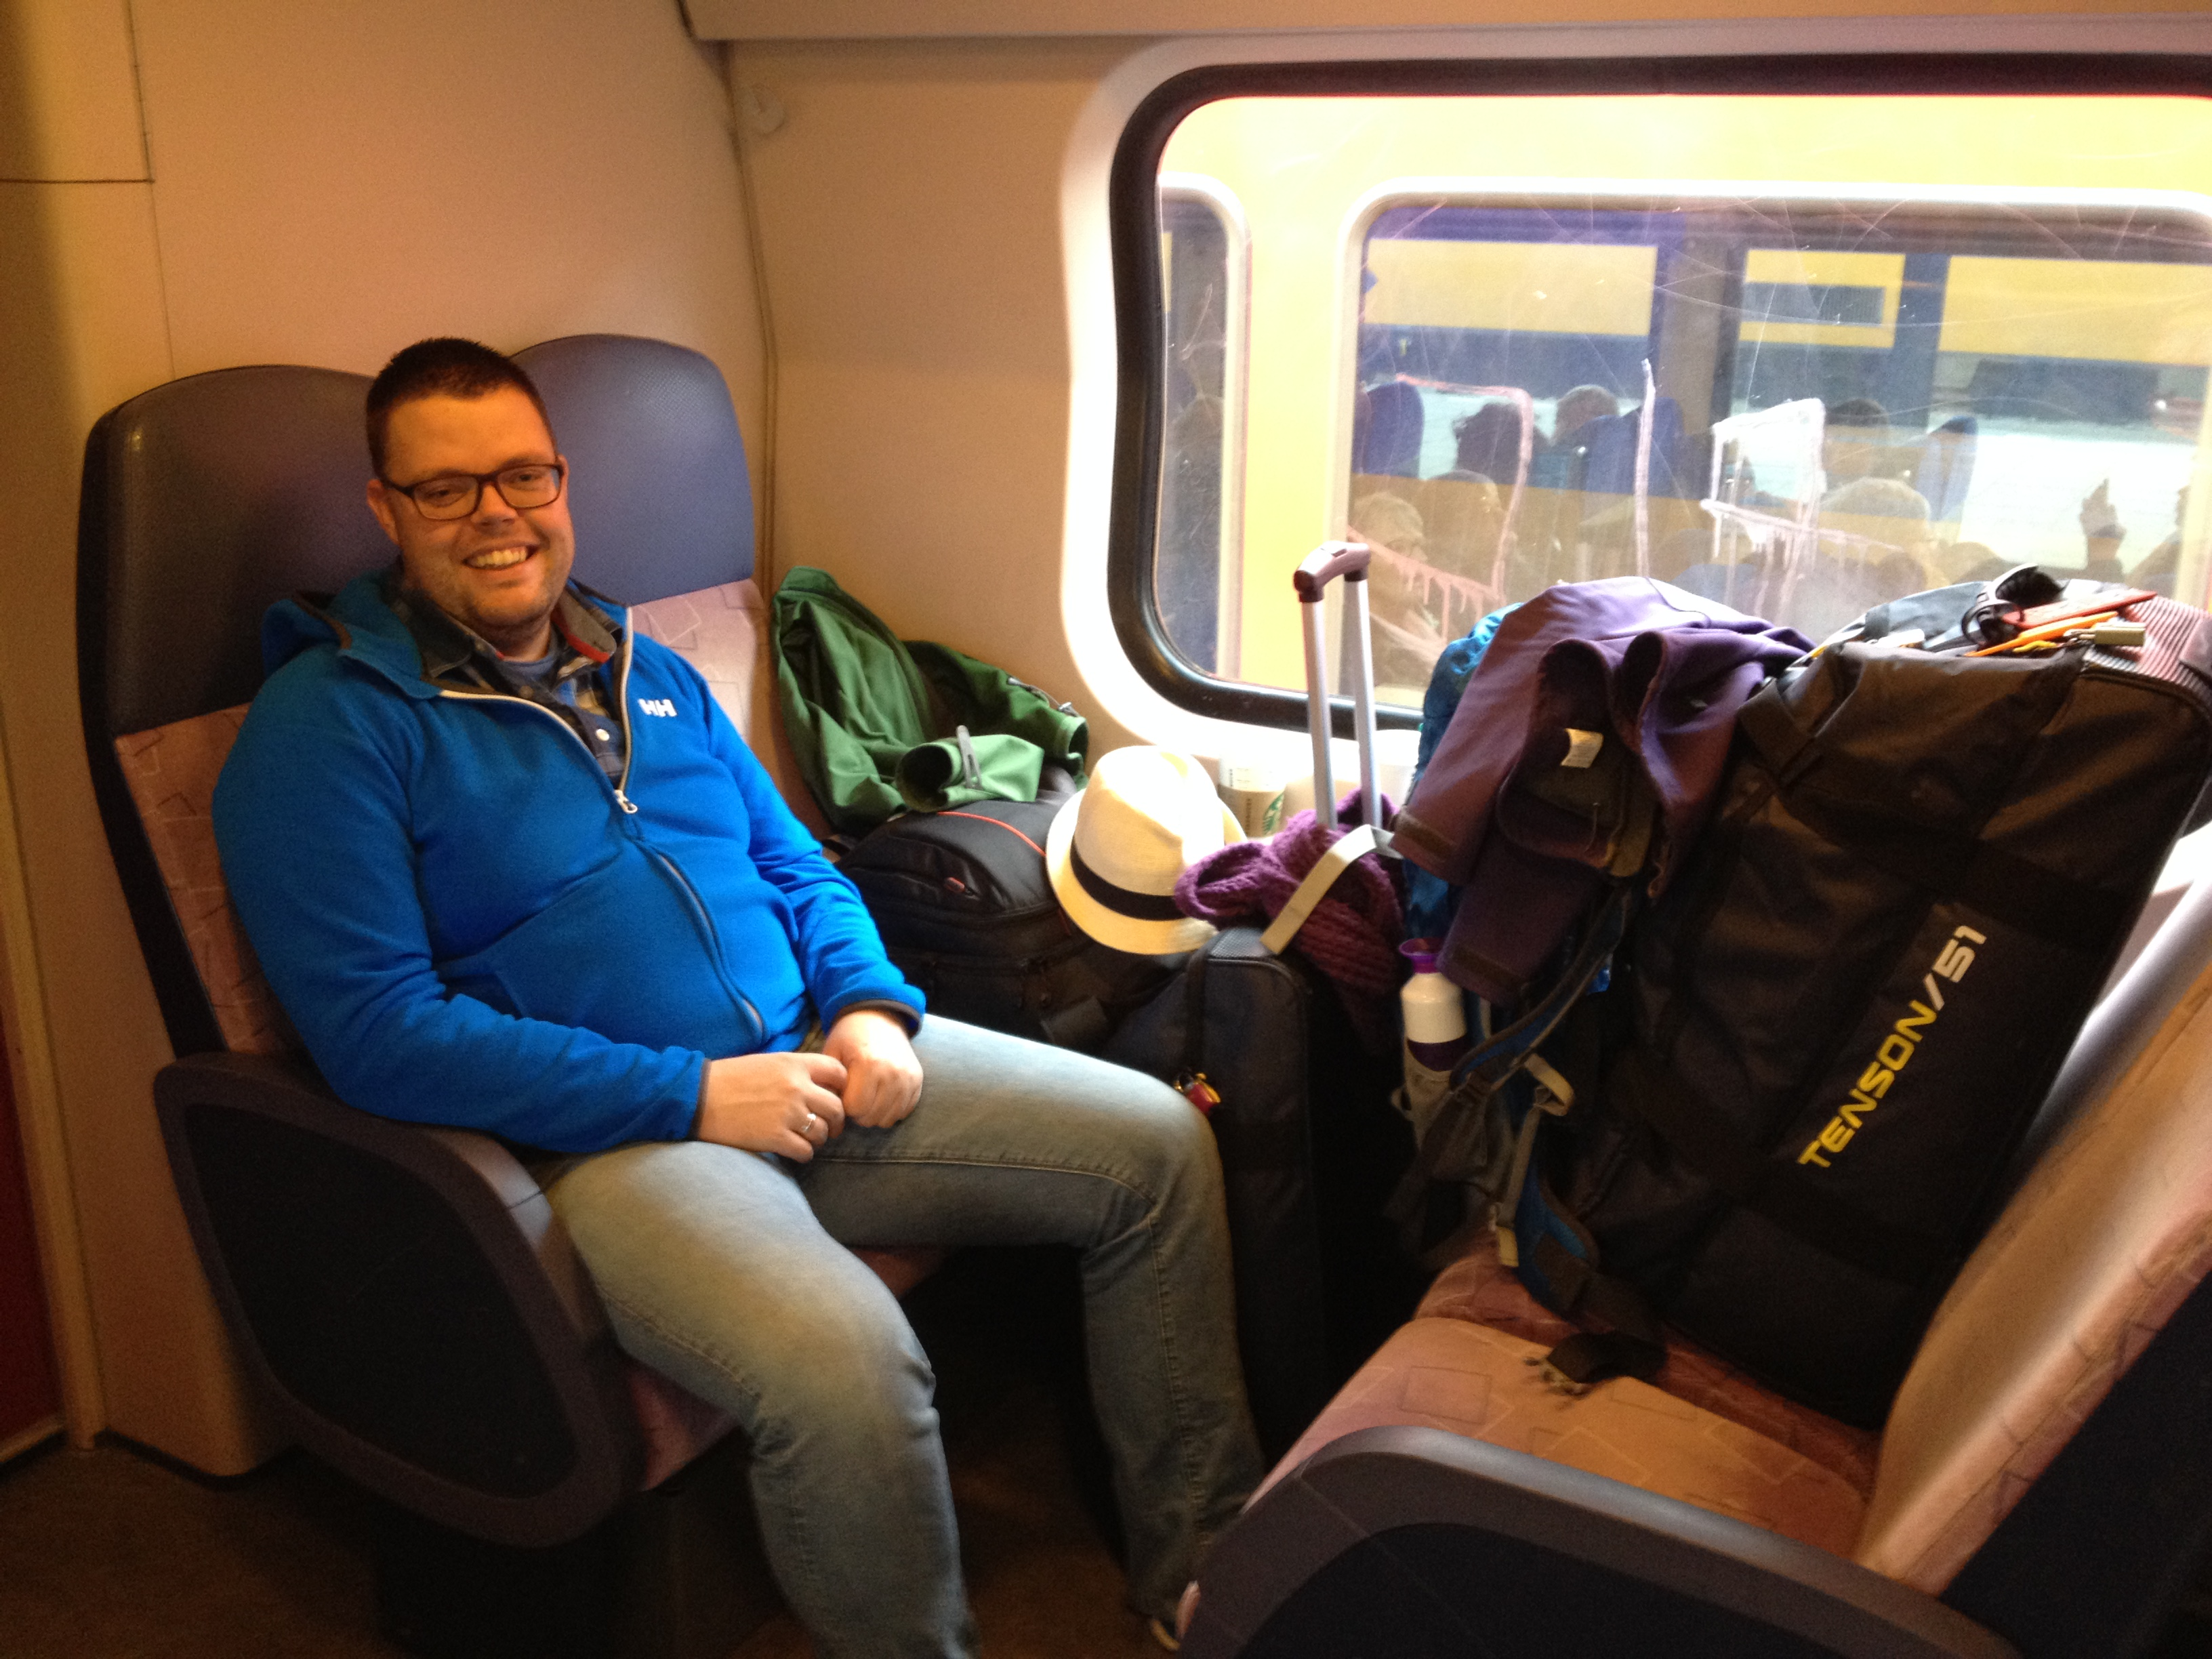 Koffers in de trein